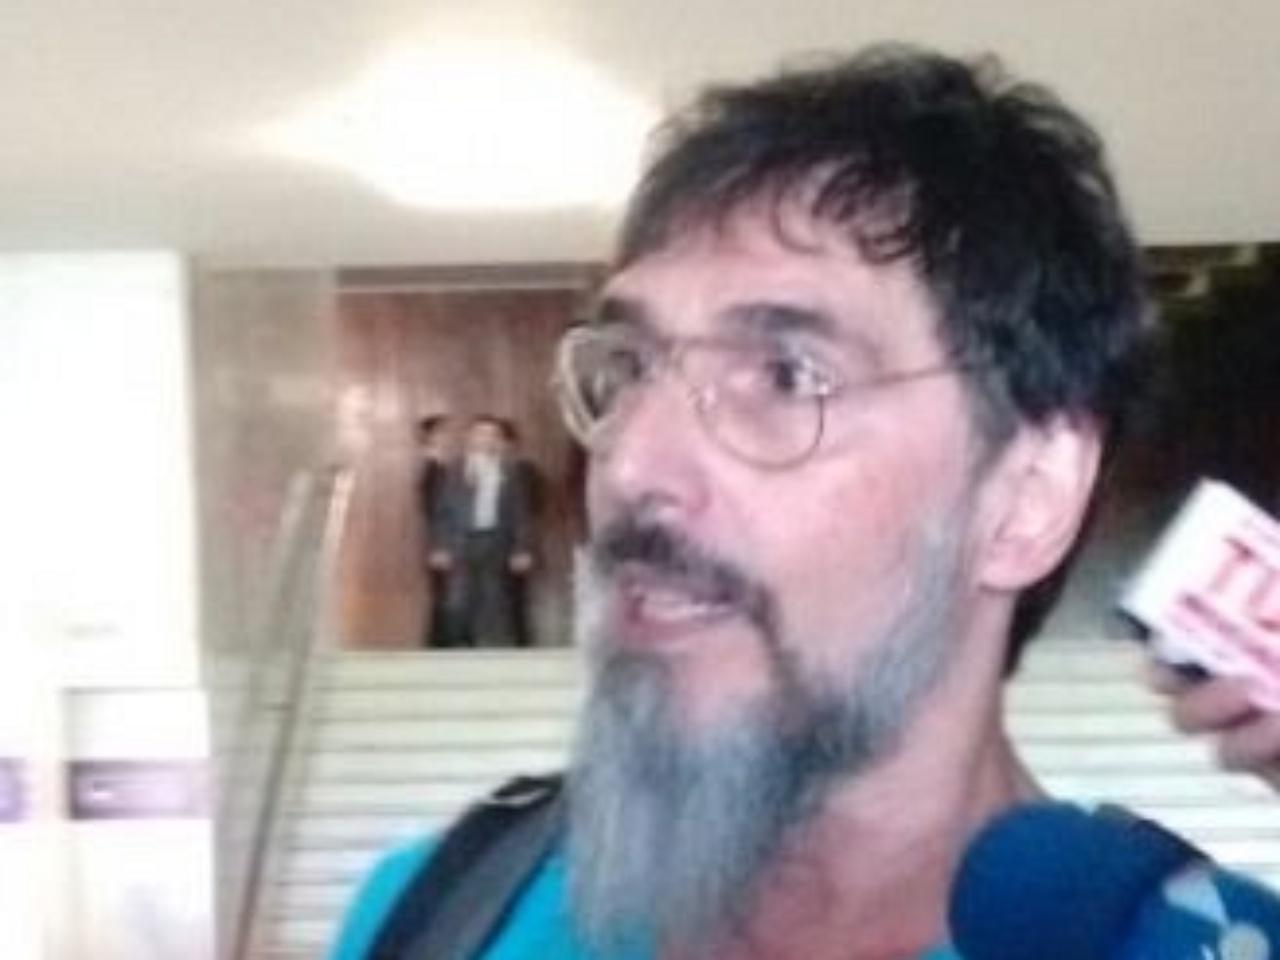 3.dez.2014 - O cantor Lobão chegou ao Congresso Nacional na manhã desta quarta-feira (3) para apoiar os manifestantes que foram expulsos das galerias na noite de terça-feira